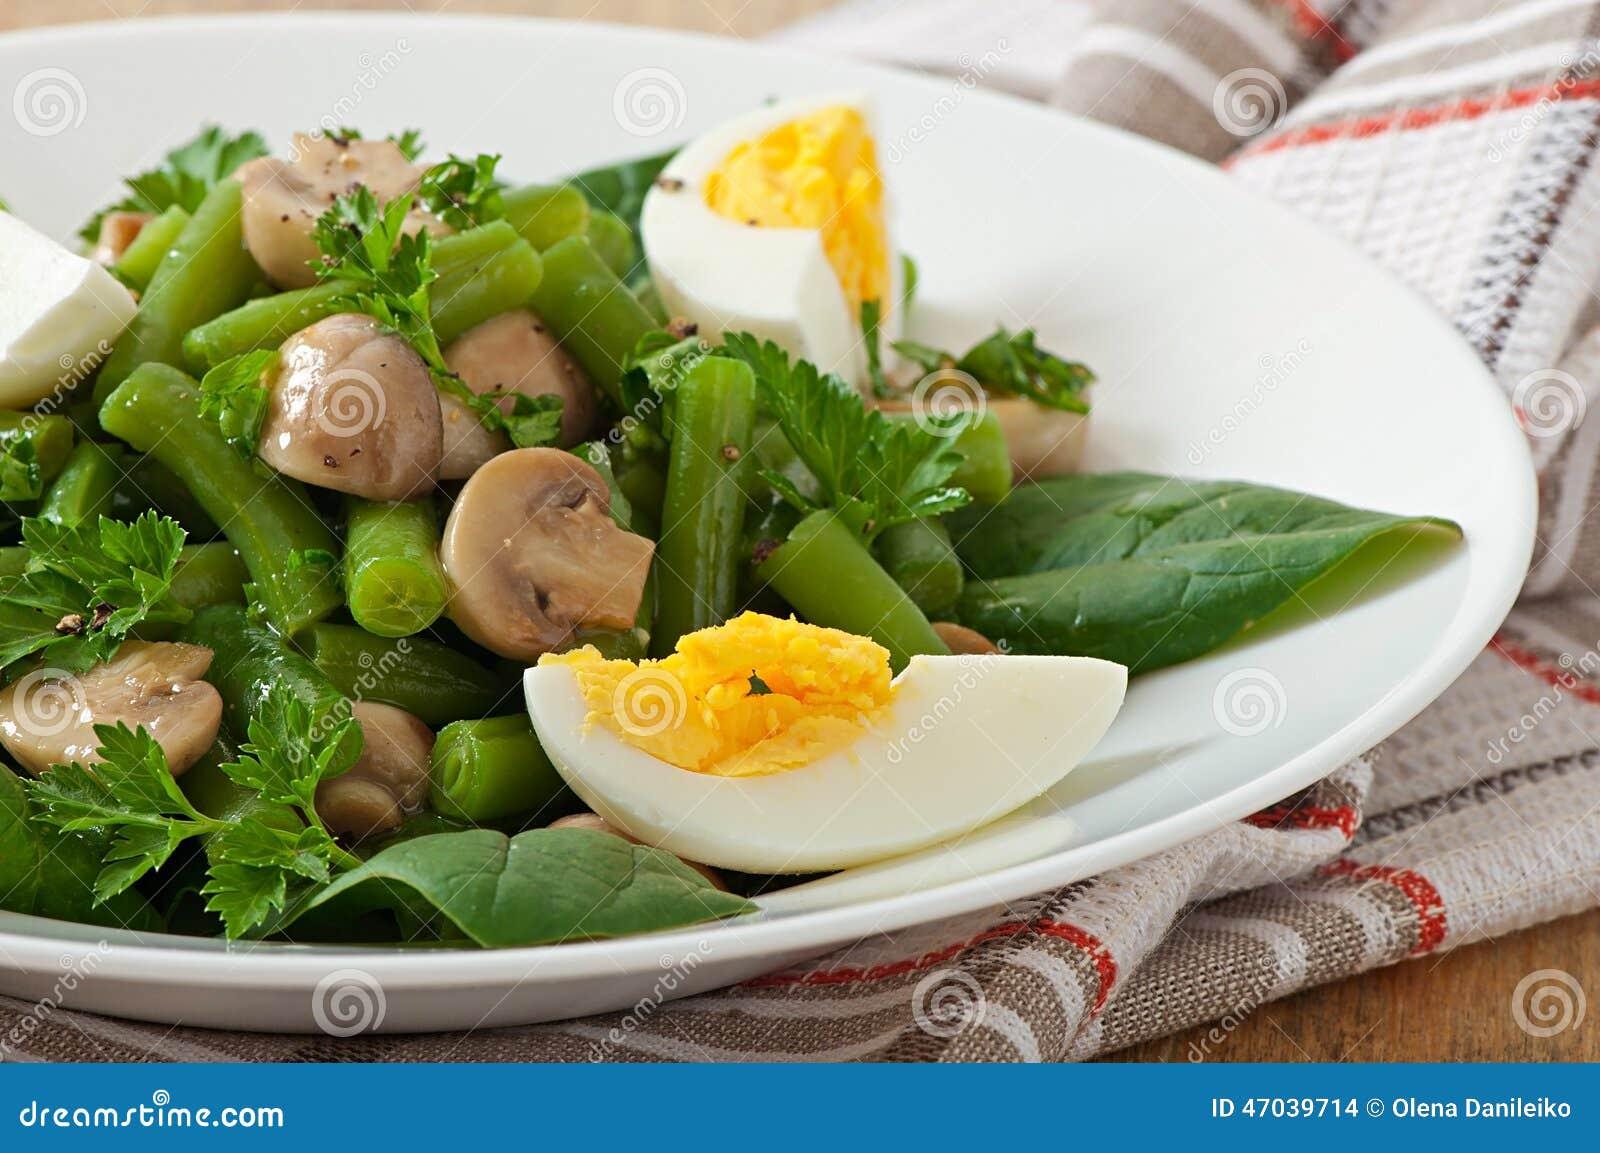 蘑菇煮鸡蛋_鸡蛋和蘑菇能一起吃吗-蘑菇和鸡蛋一起吃行吗